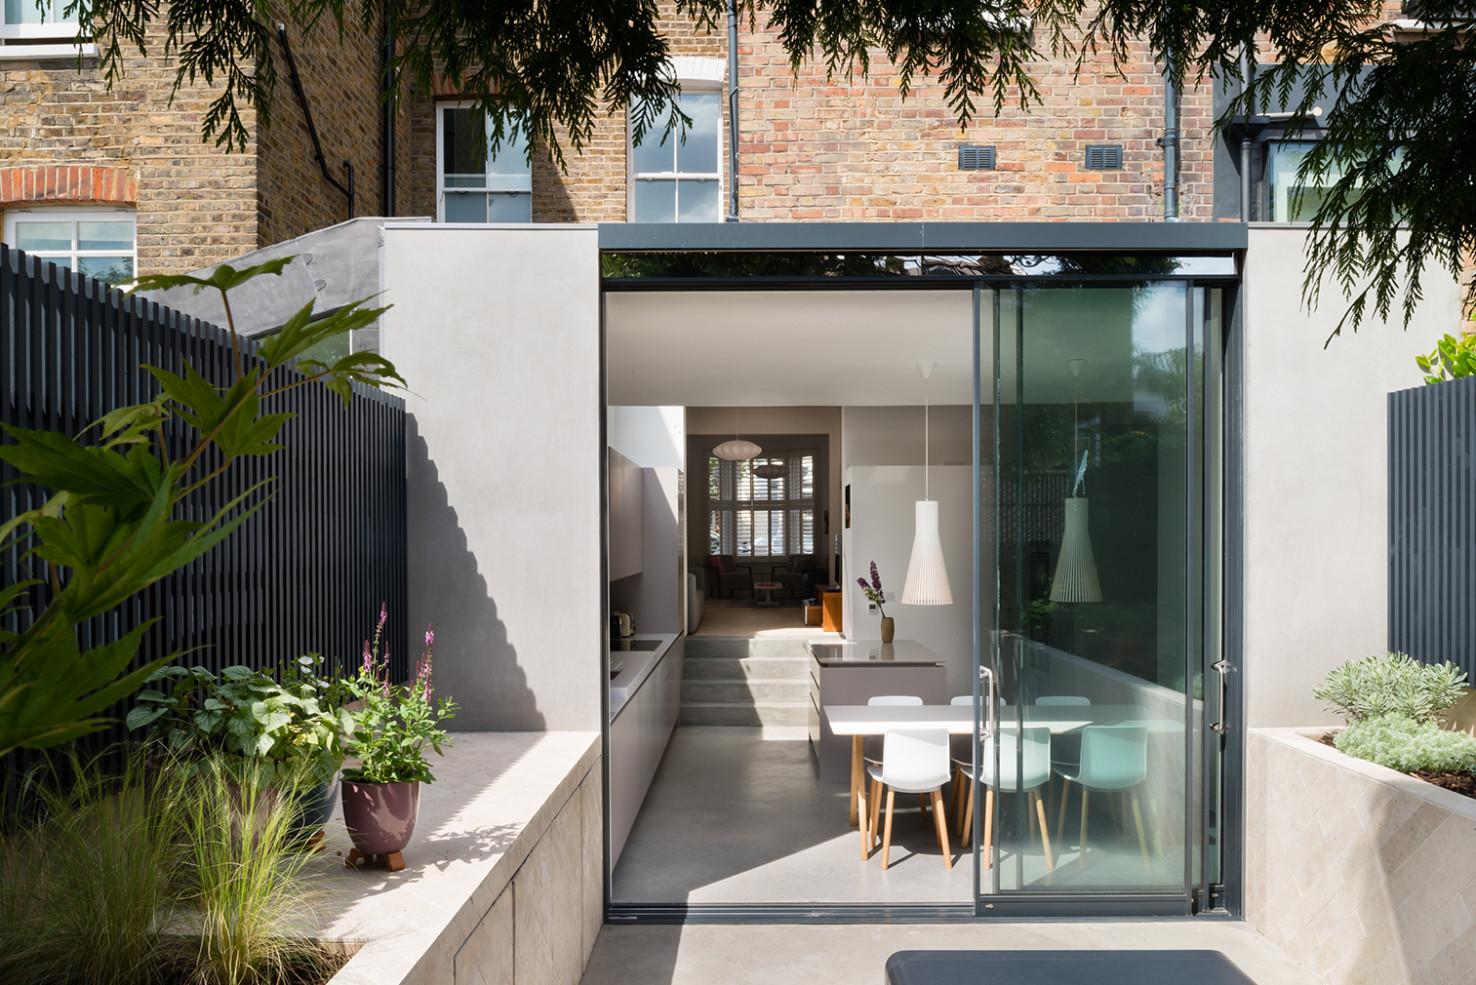 concrete kitchen diner